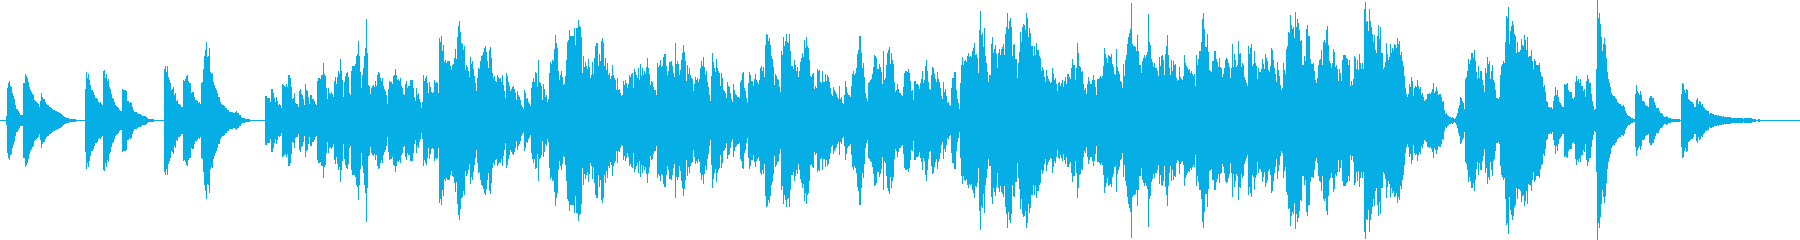 ベッリーニ作曲のクラシック声楽曲。イタ…の再生済みの波形